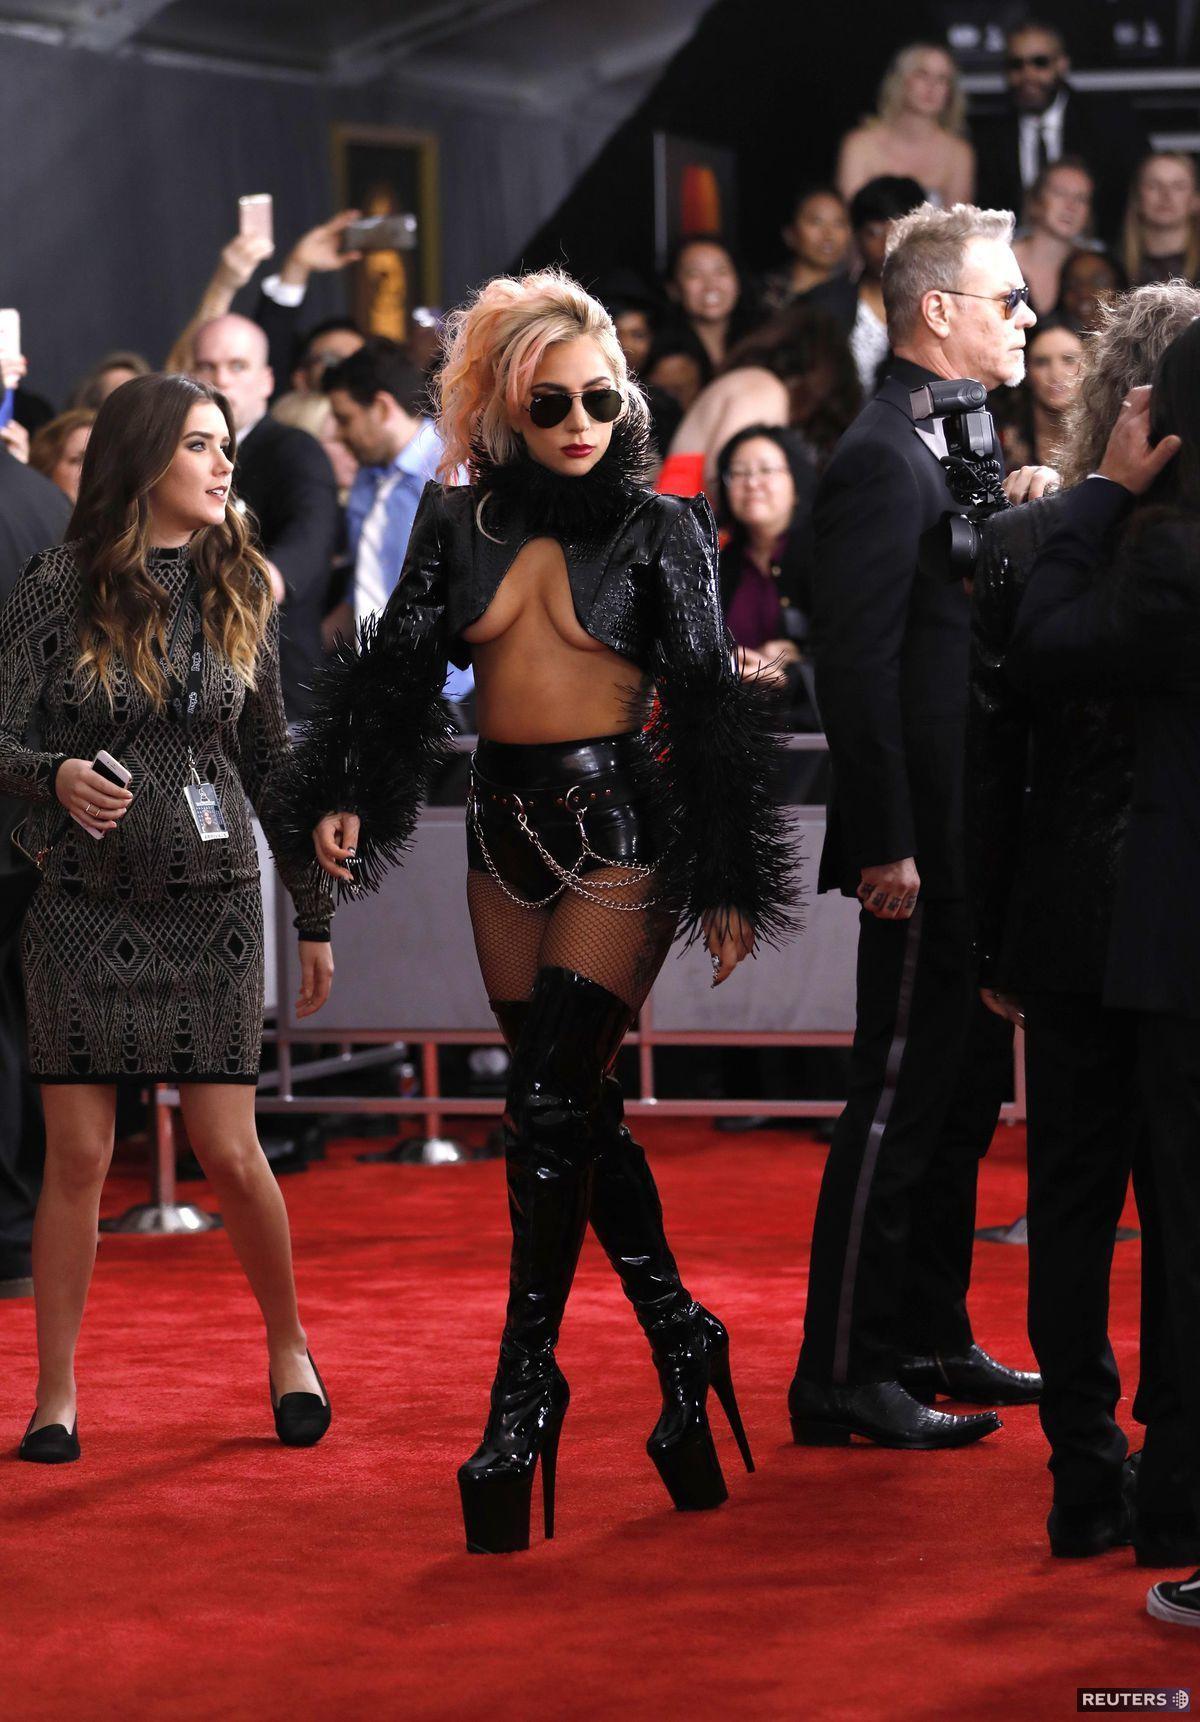 Speváčka Lady Gaga pútala pozornosť svojím odhaľujúcim outfitom.